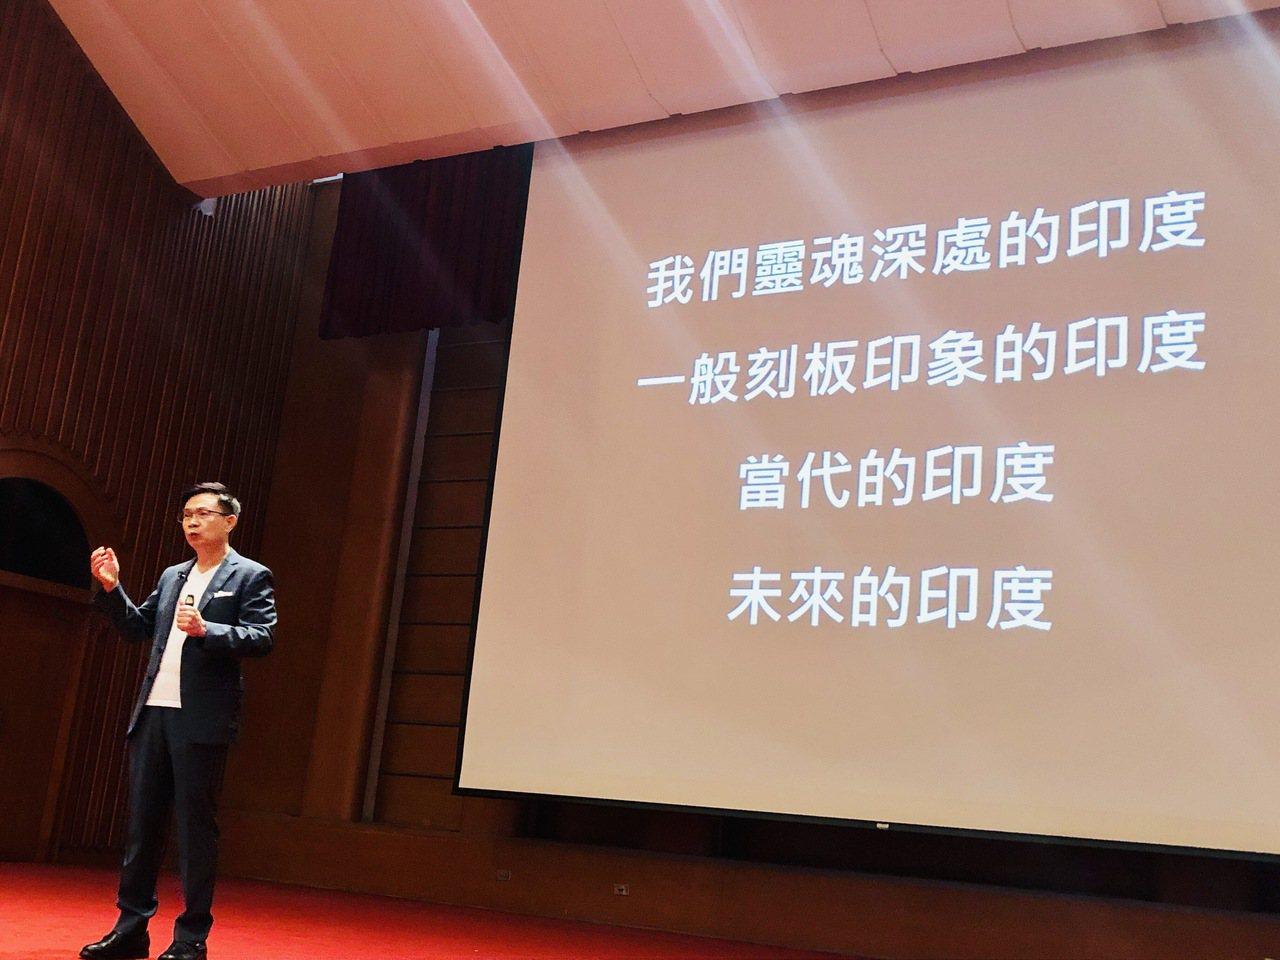 貿協董事長黃志於國家圖書館演講分享印度經驗。貿協提供